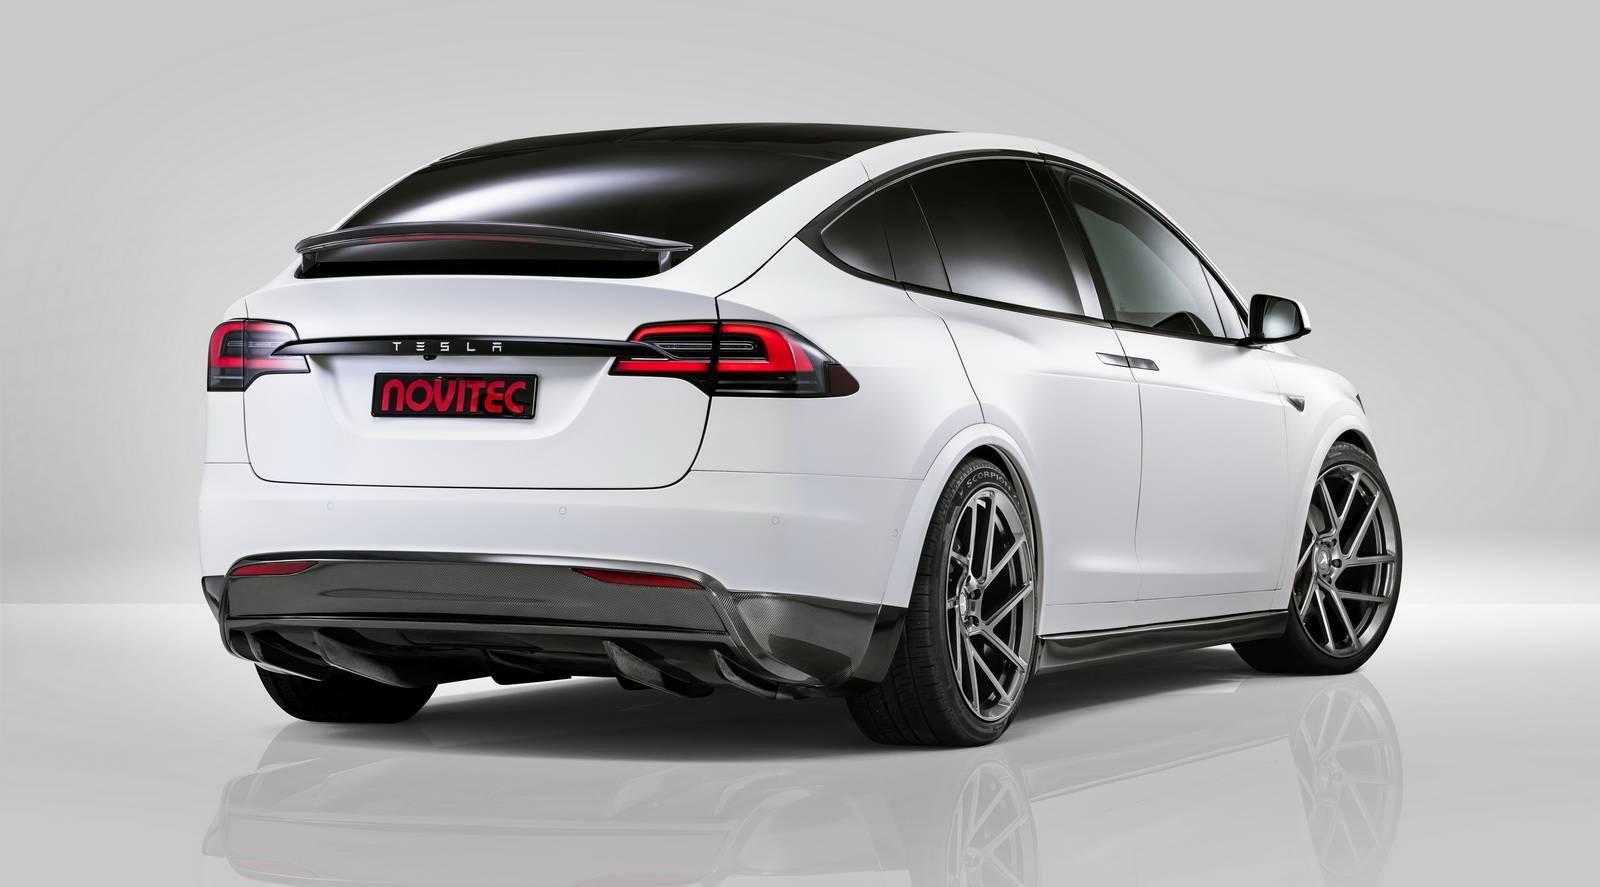 Тормоза поставляются в двух разных версиях. Базовая версия с вентилируемыми роторами размером 380х34 мм и шестипоршневые фиксированные суппорты на передней оси и более продвинутая версия, которая также позволяет заменить задние диски на 360х28 мм кар